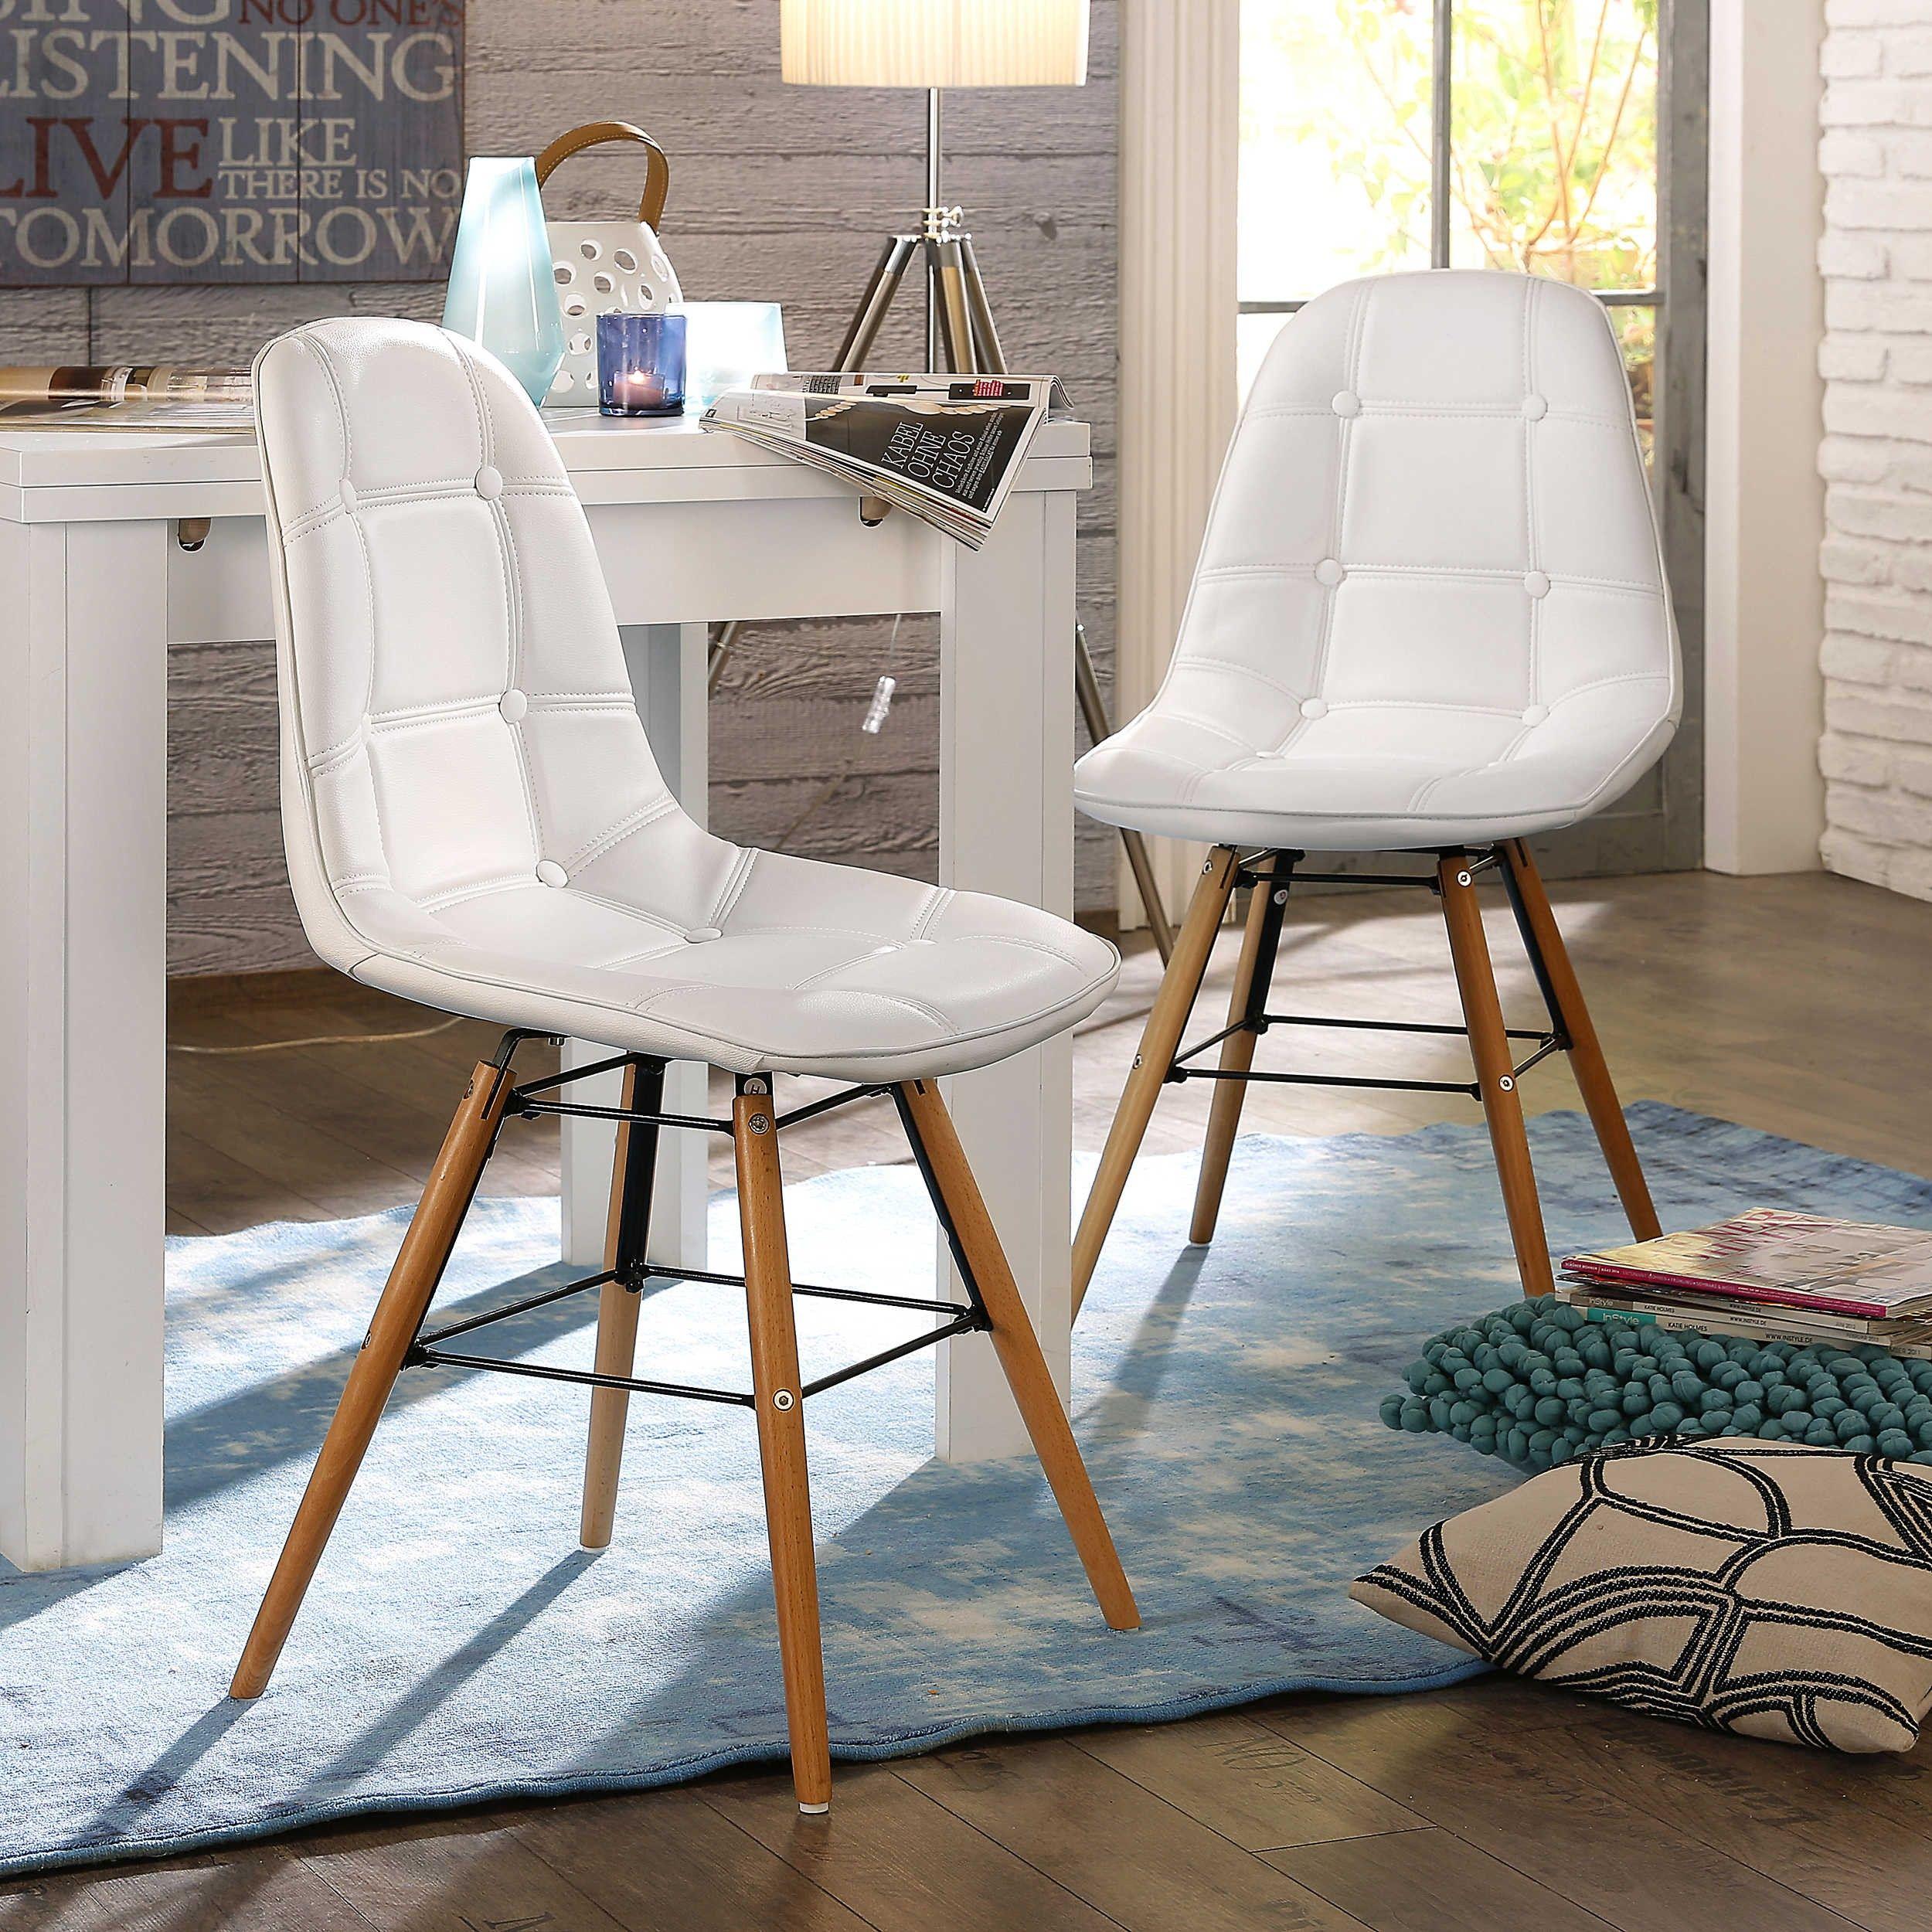 Stuhl savona 2er set weiß 4 fuß stühle stühle freischwinger esszimmer